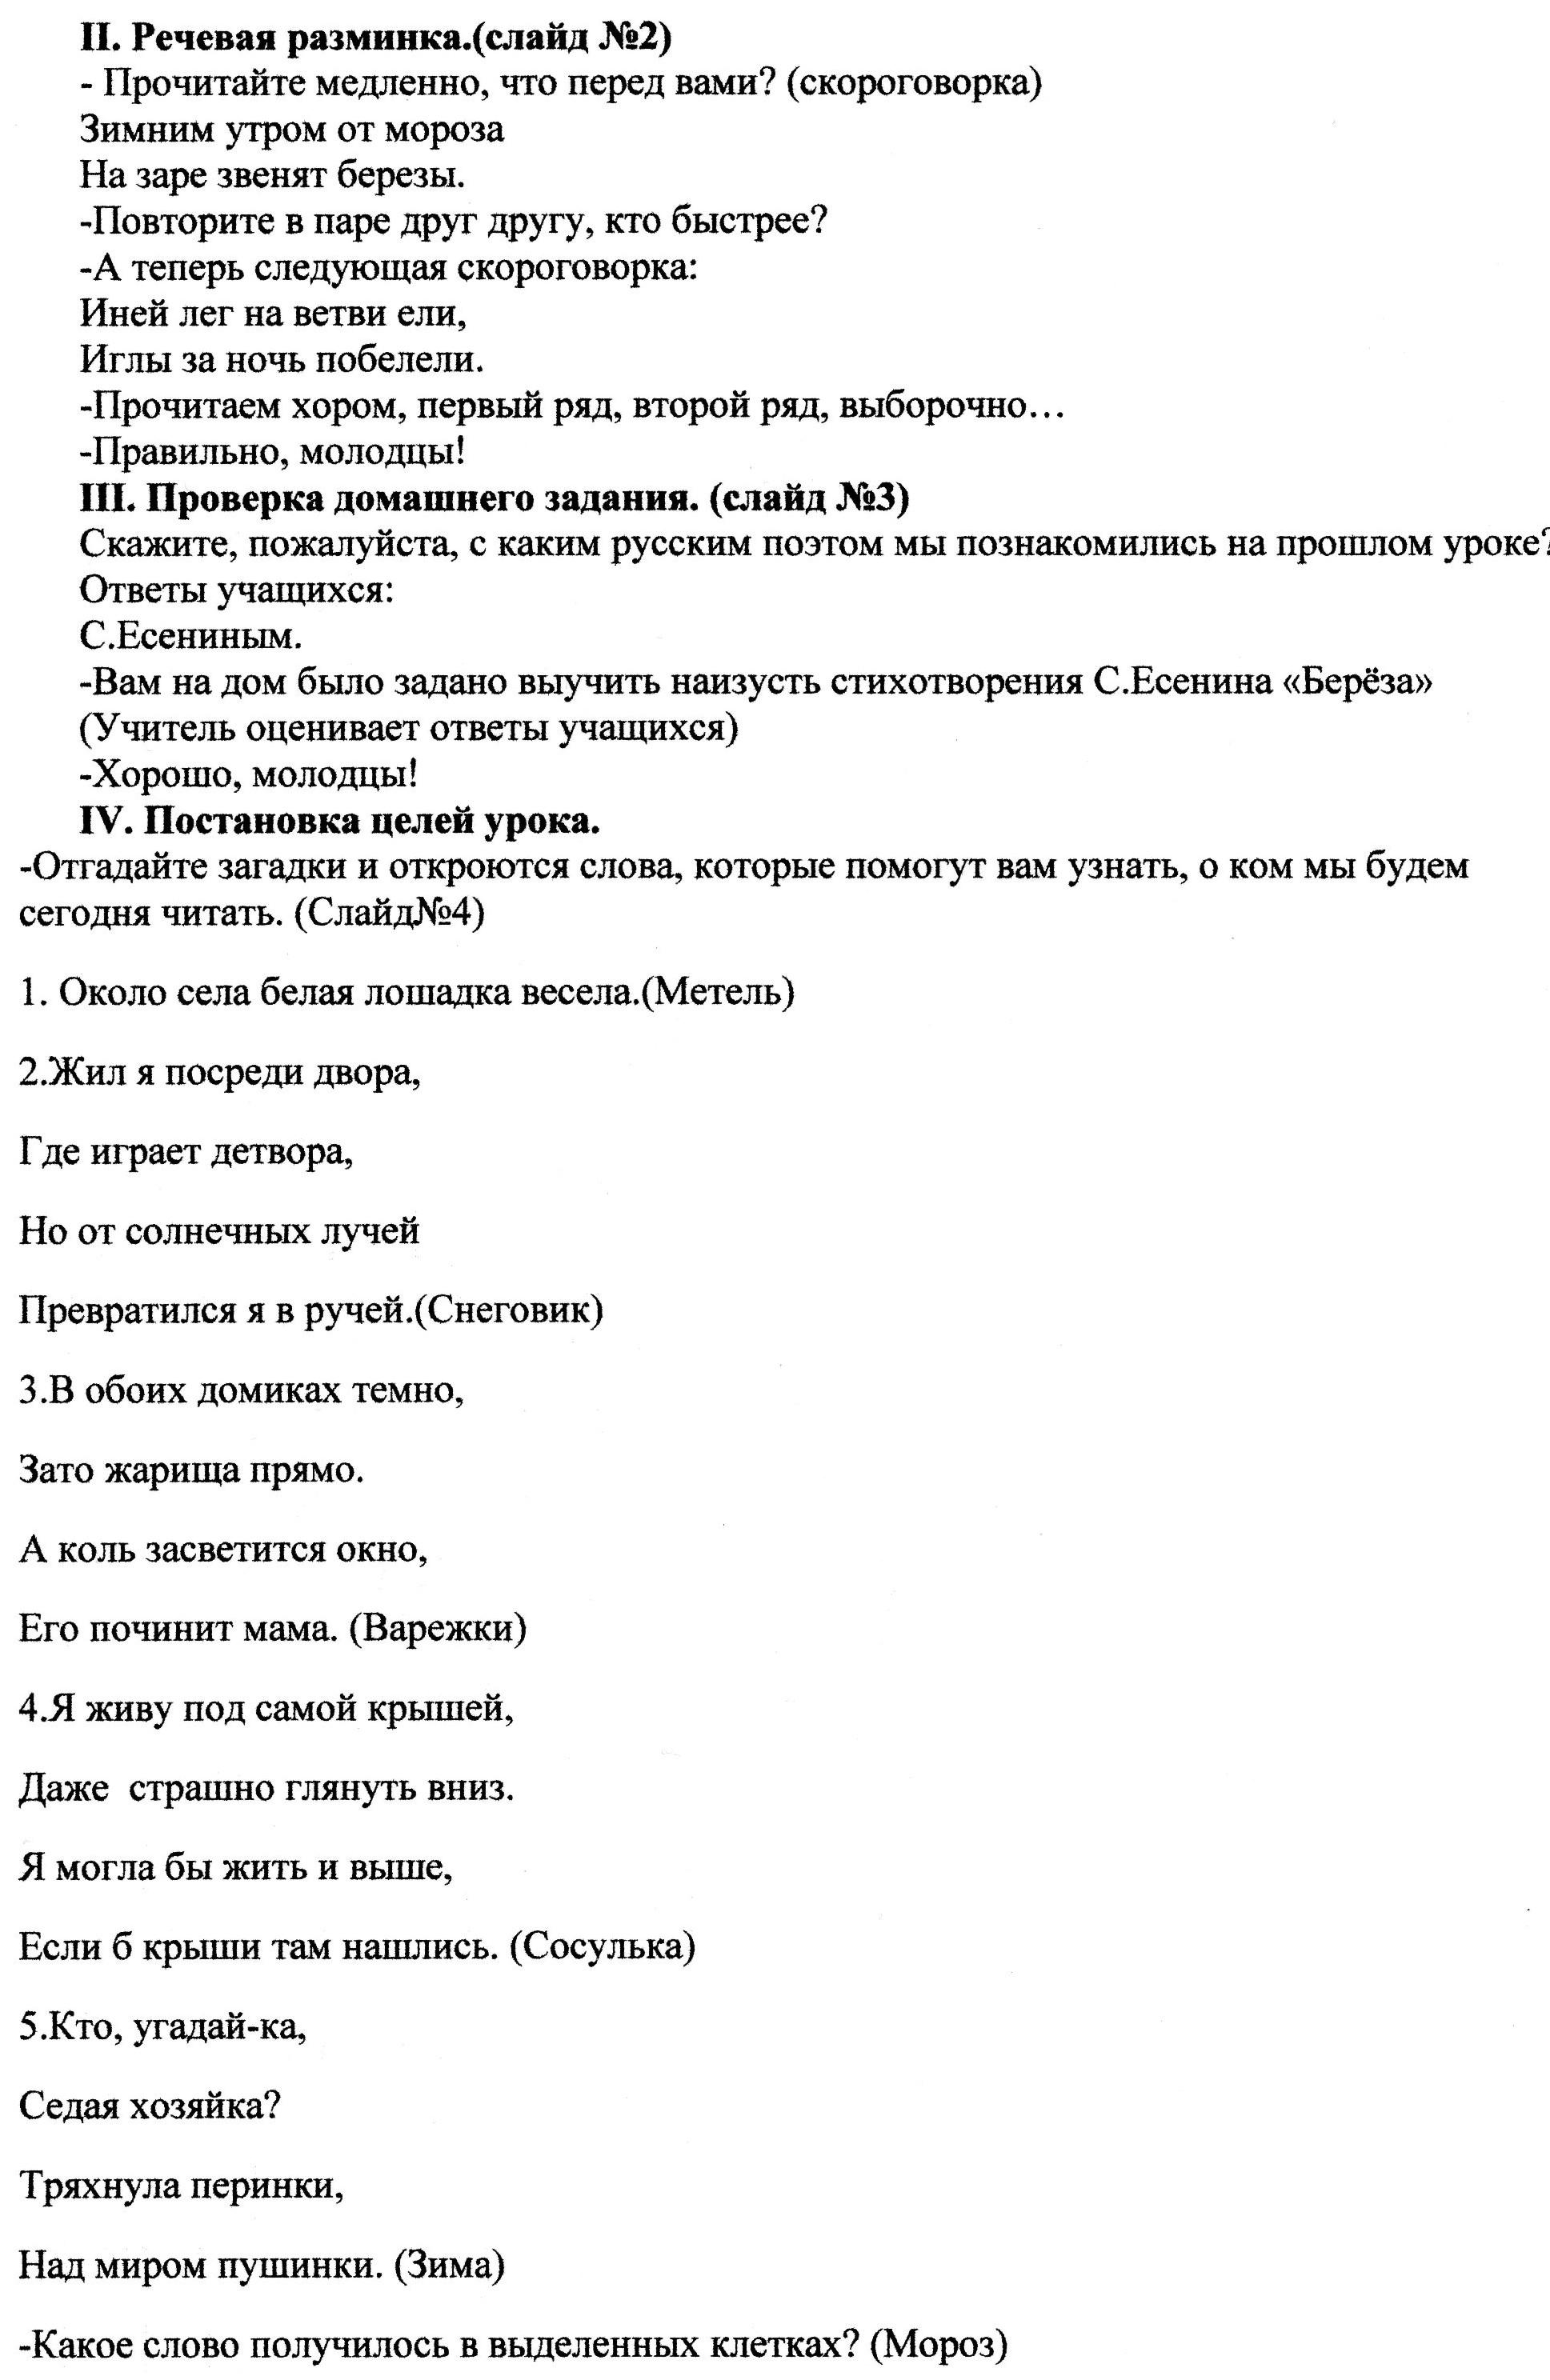 D:\курсы повышения квалификации\Галина\img221.jpg